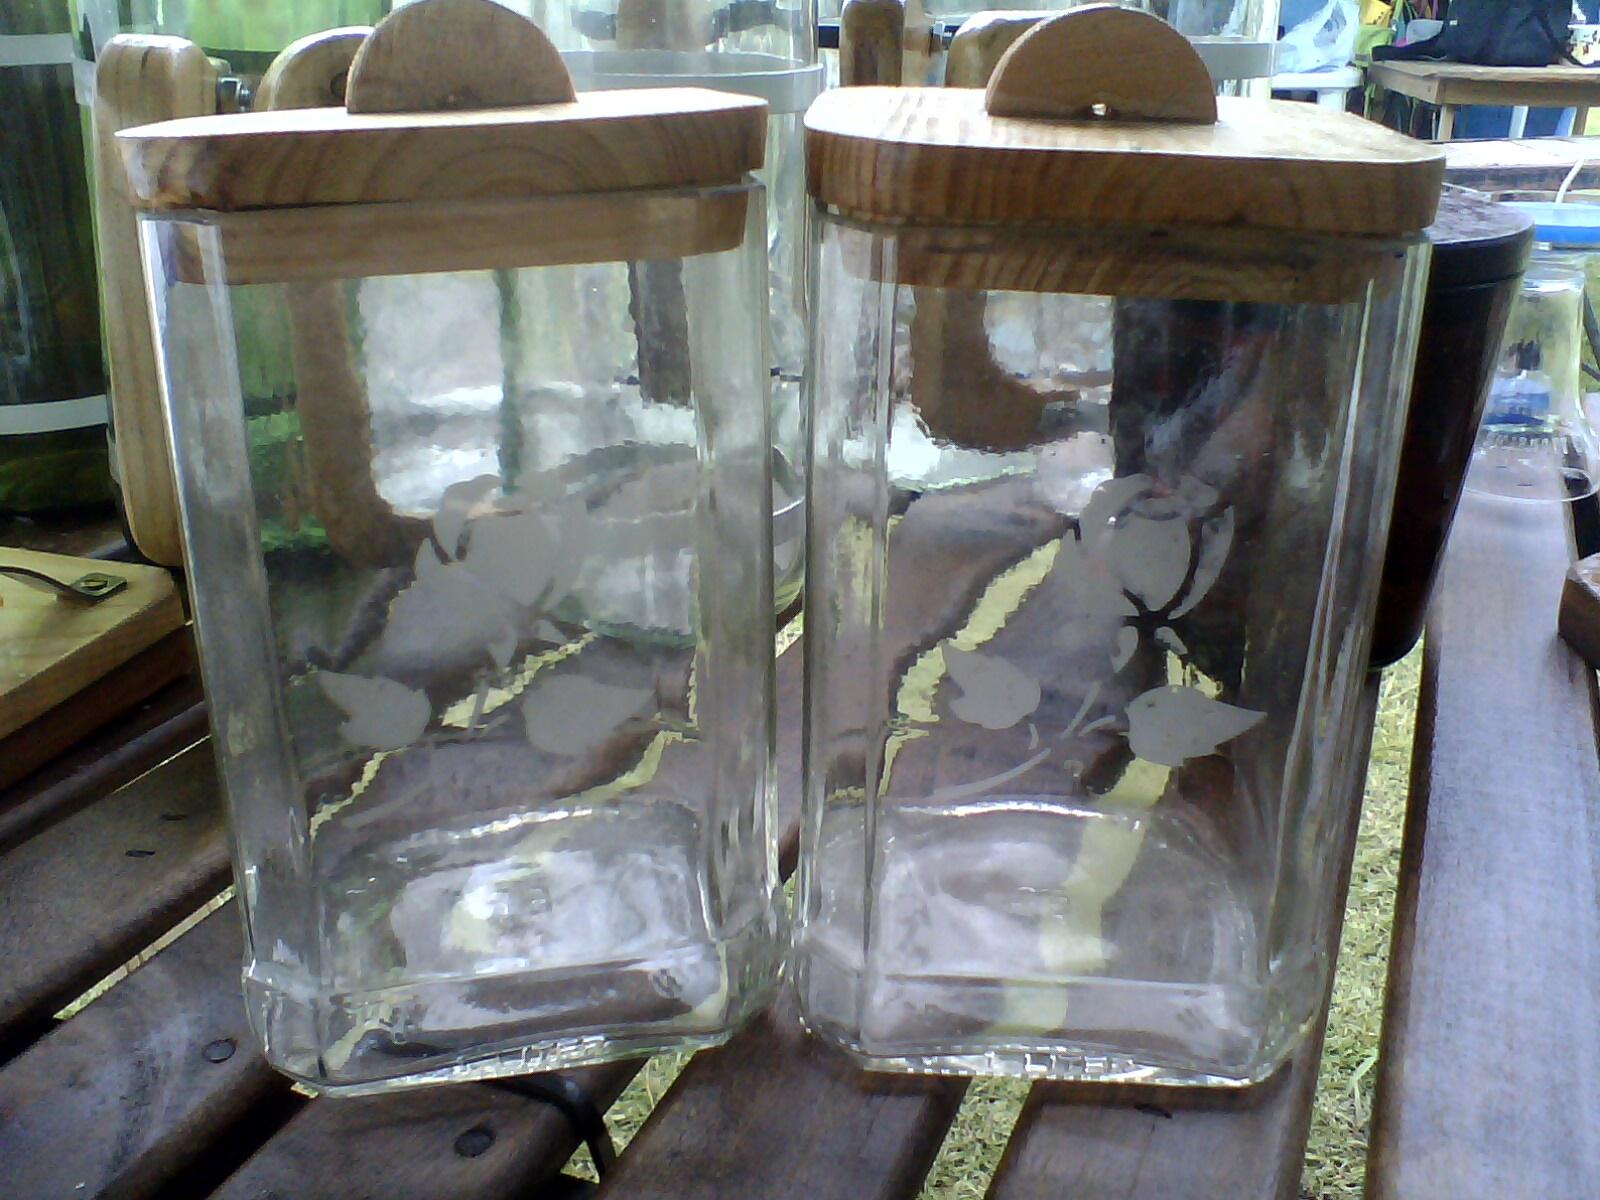 Reciclado de botellas y artesanias: Azucareras con botellas de vidrio